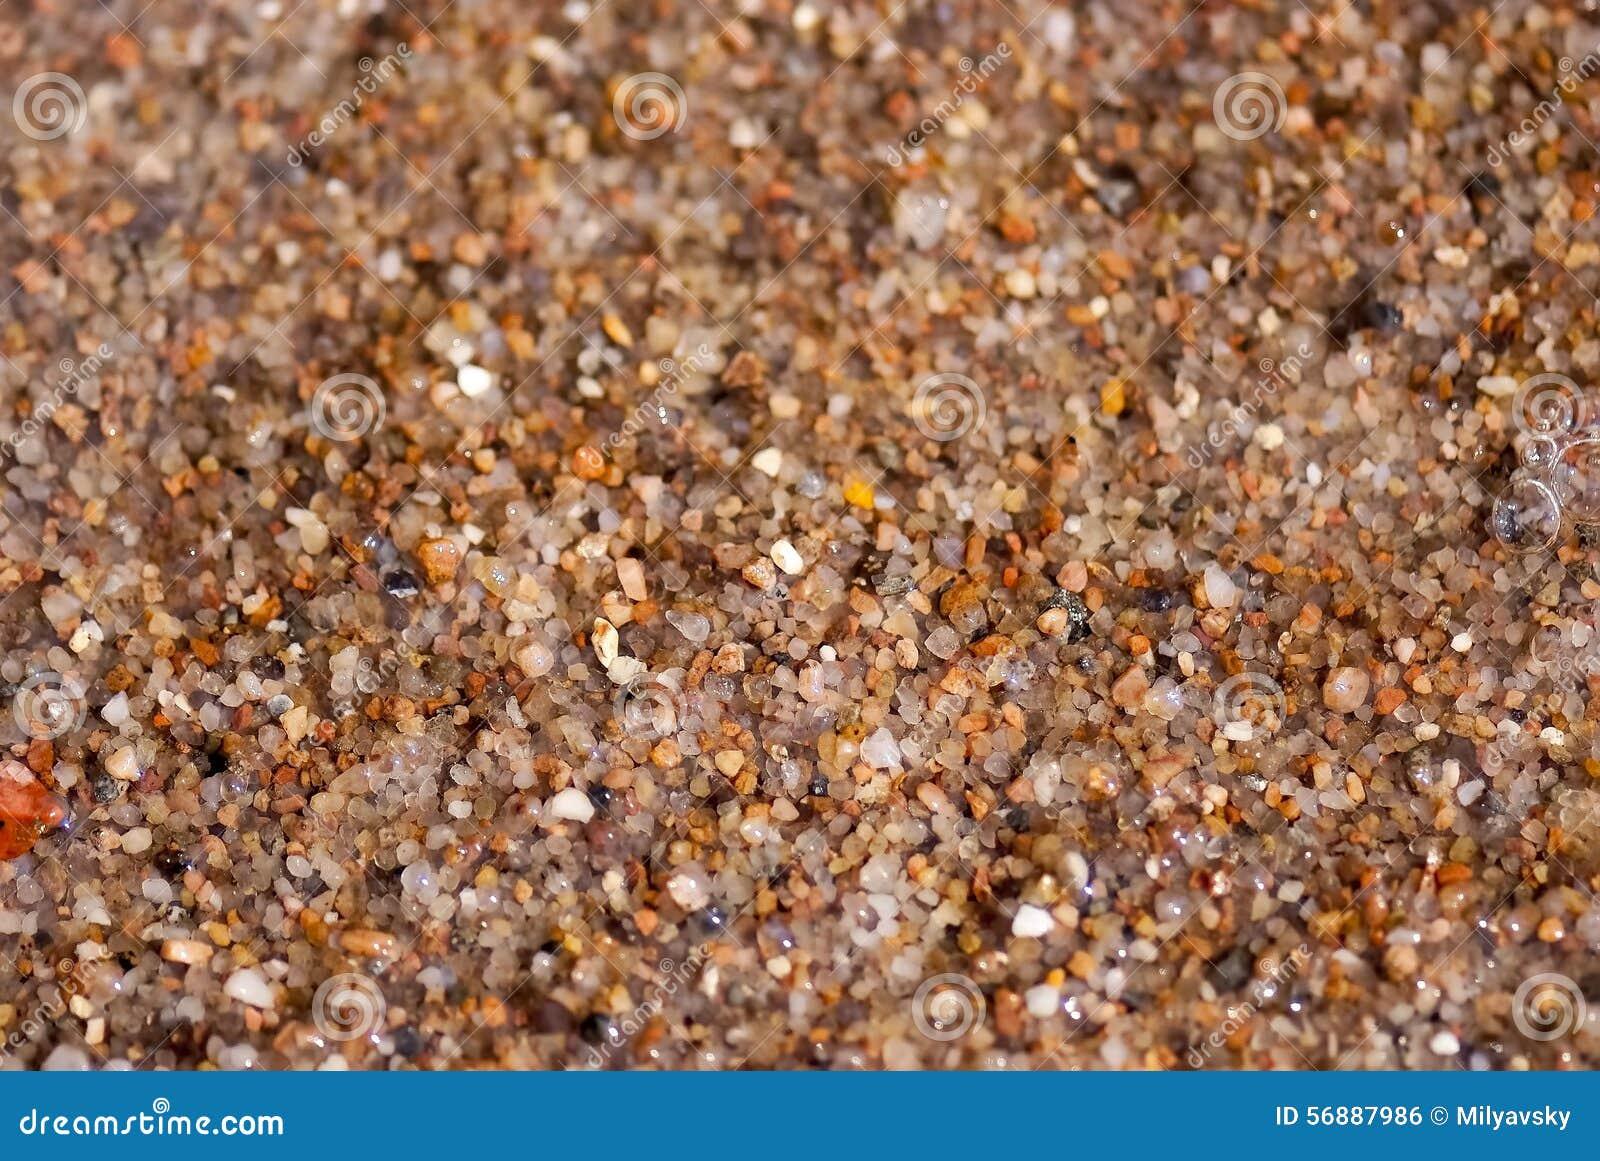 Le sable de mer humide, se ferment vers le haut de la vue